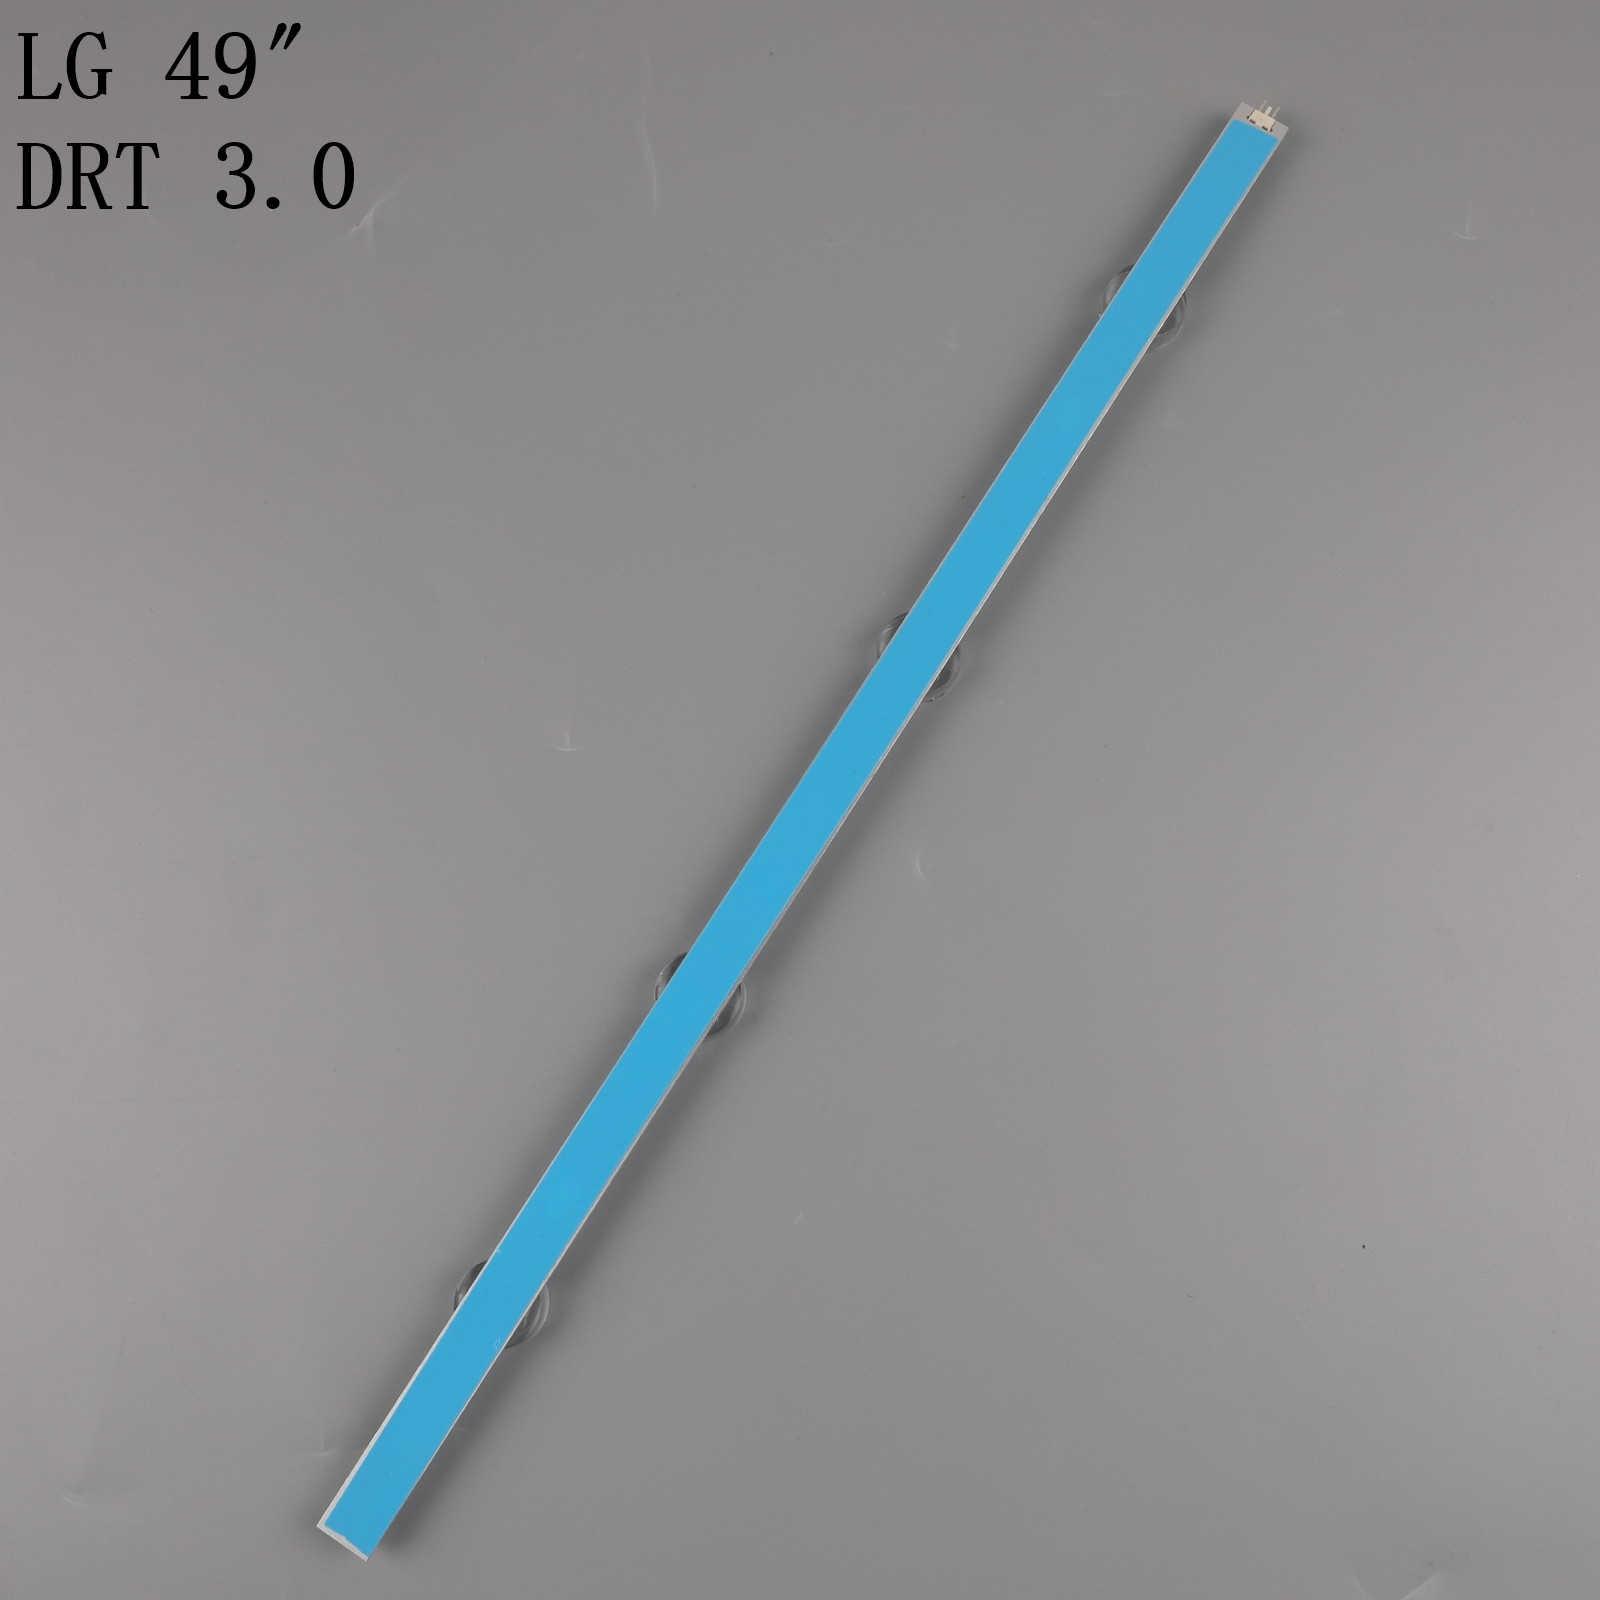 חדש 10 יח'\סט LED רצועת החלפה עבור LG 49LB580V 49LB5500 Innotek DRT 3.0 49 ב 6916L-1788A 6916L-1789A 6916L-1944A 1945A